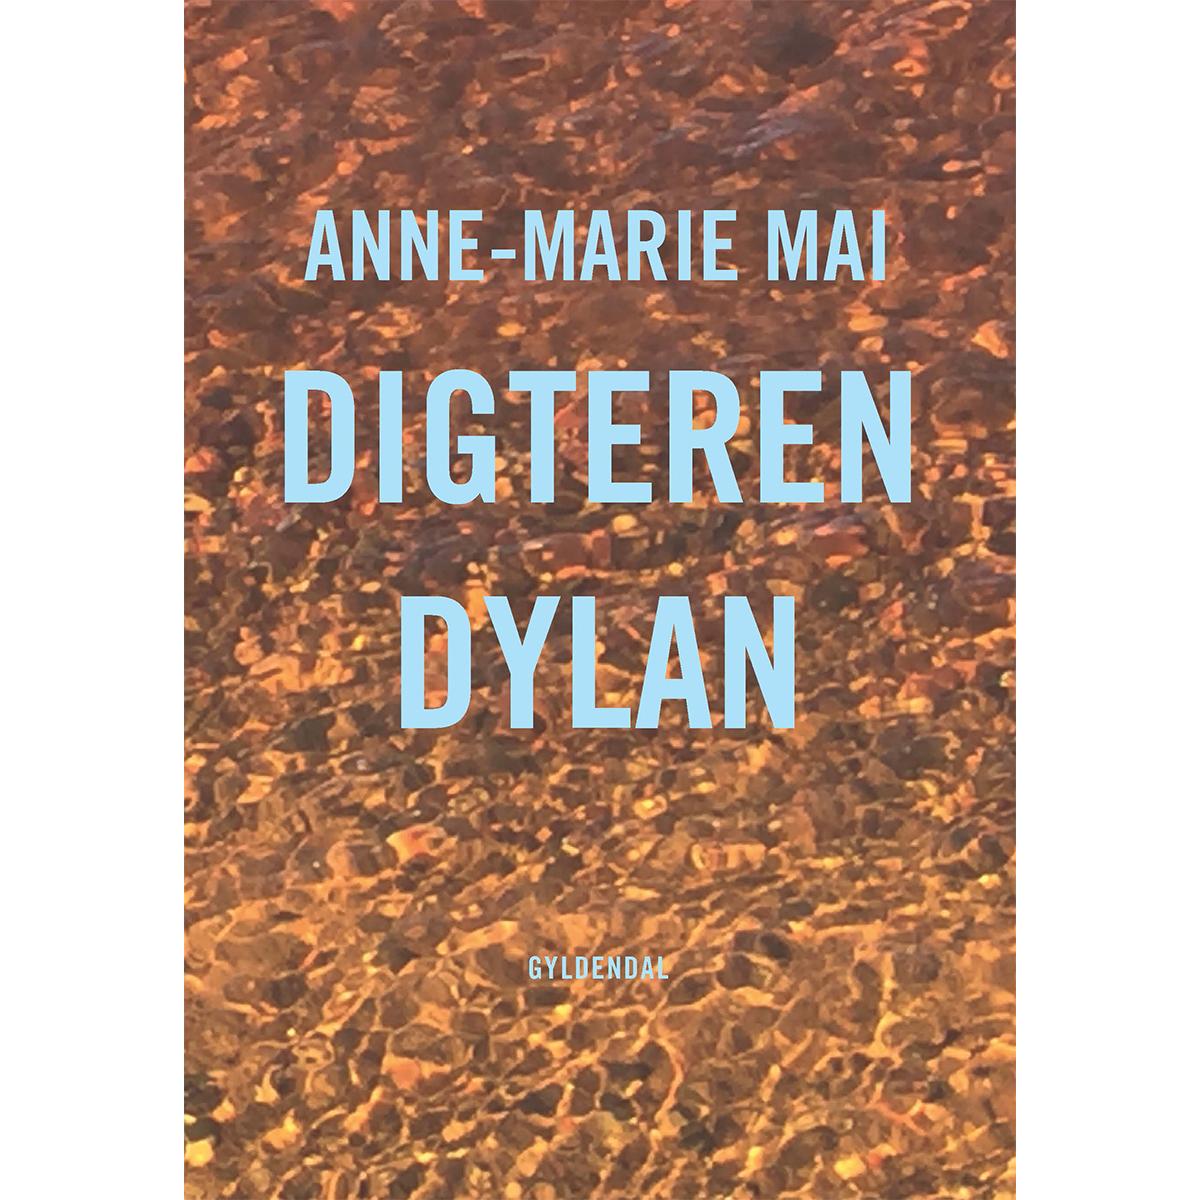 Digteren Dylan - Hæftet